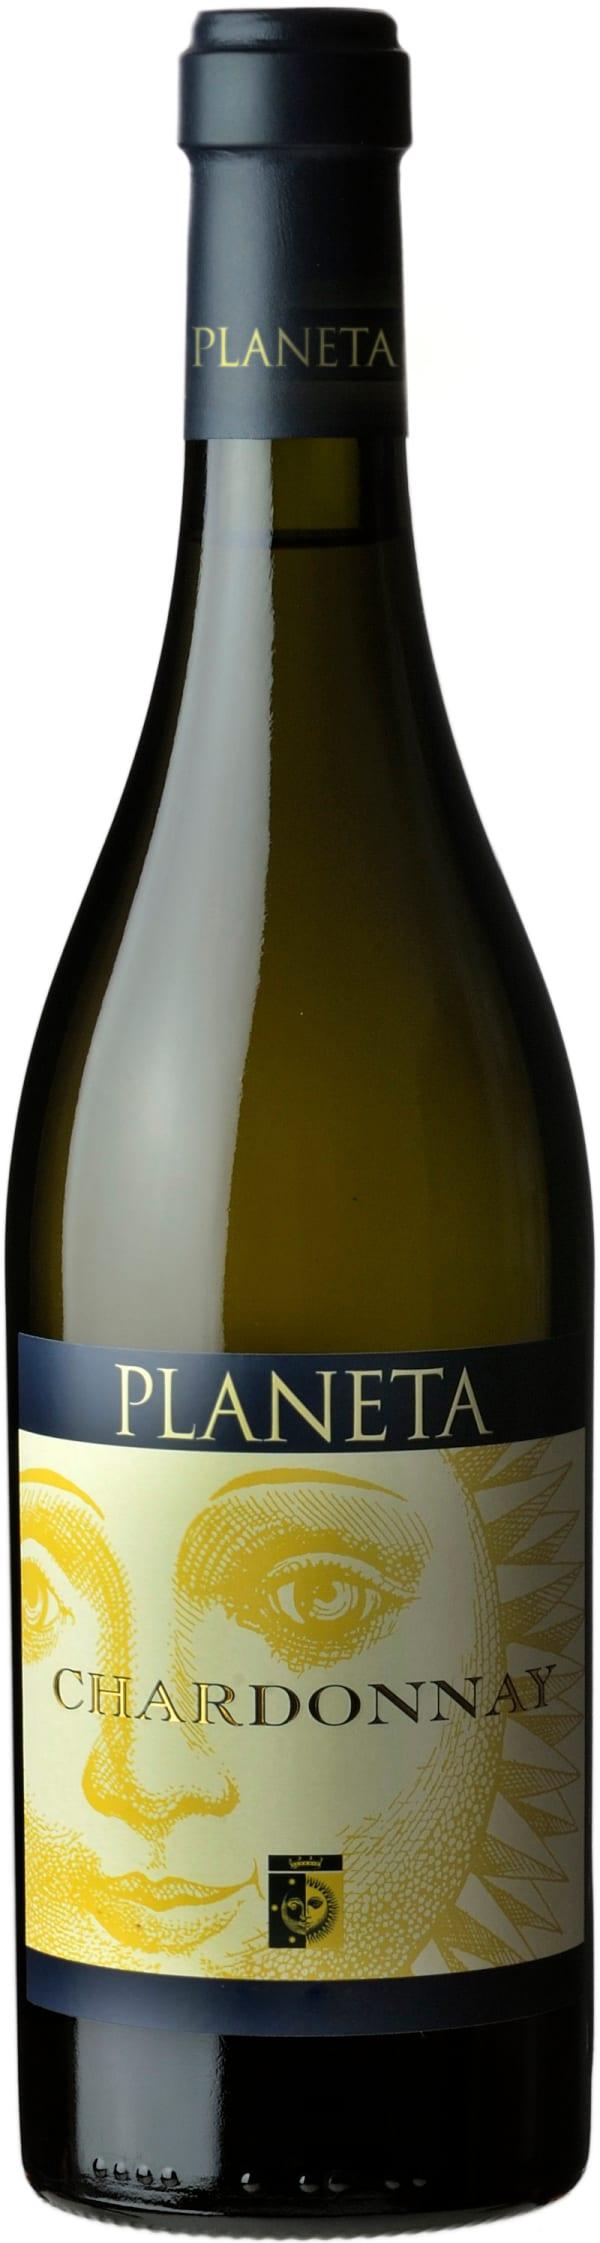 Planeta Chardonnay 2019